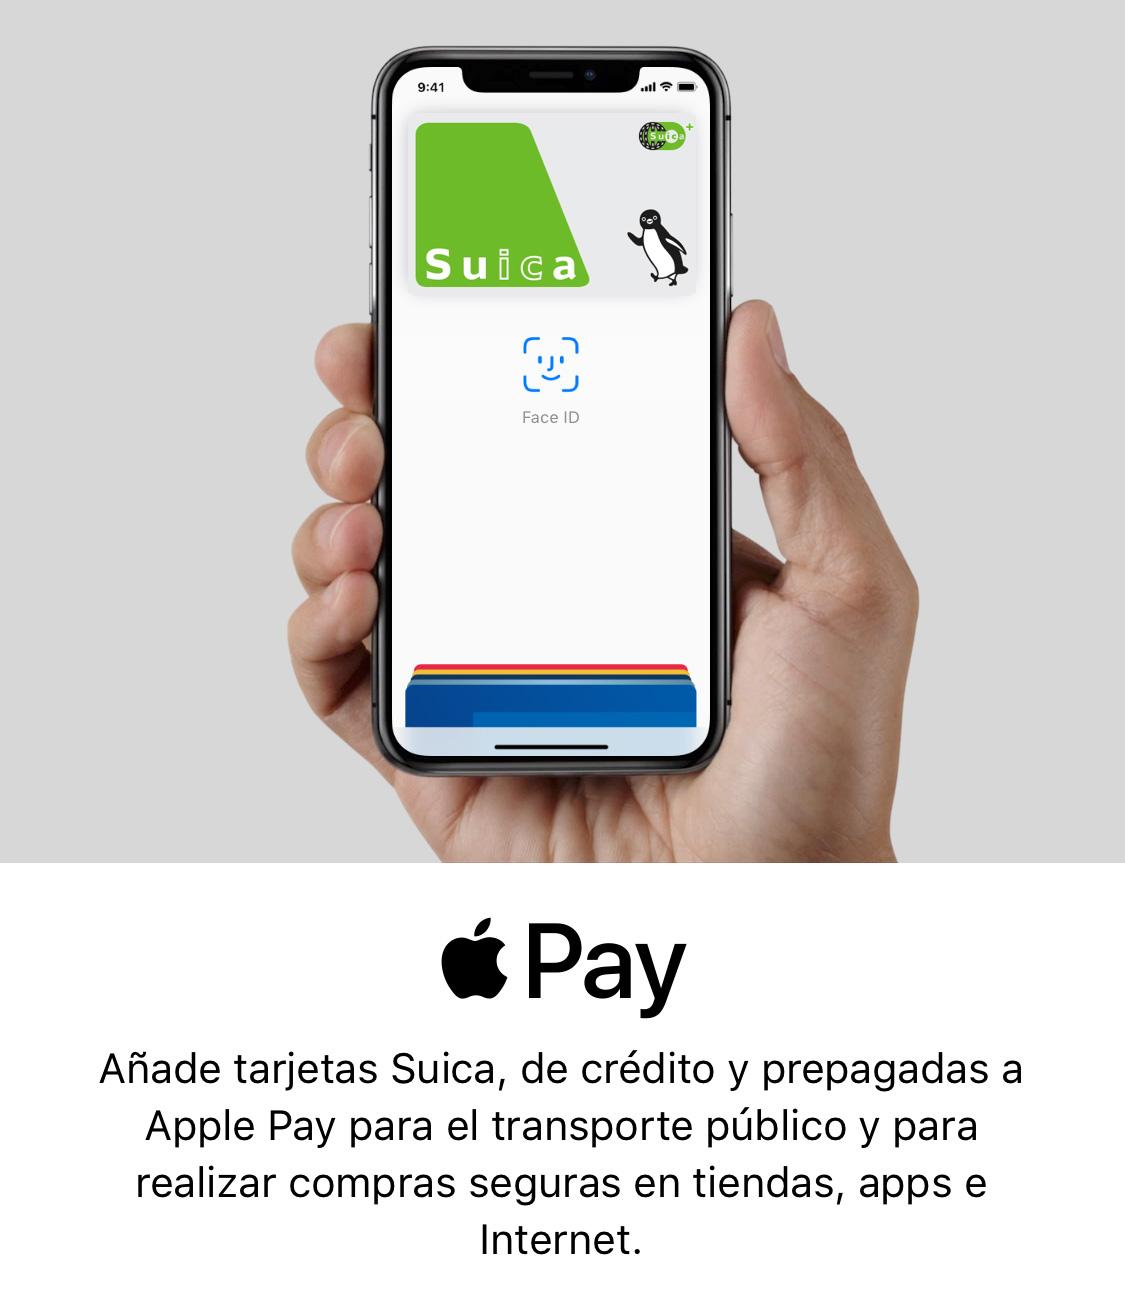 Añadiendo una tarjeta Suica al iPhone